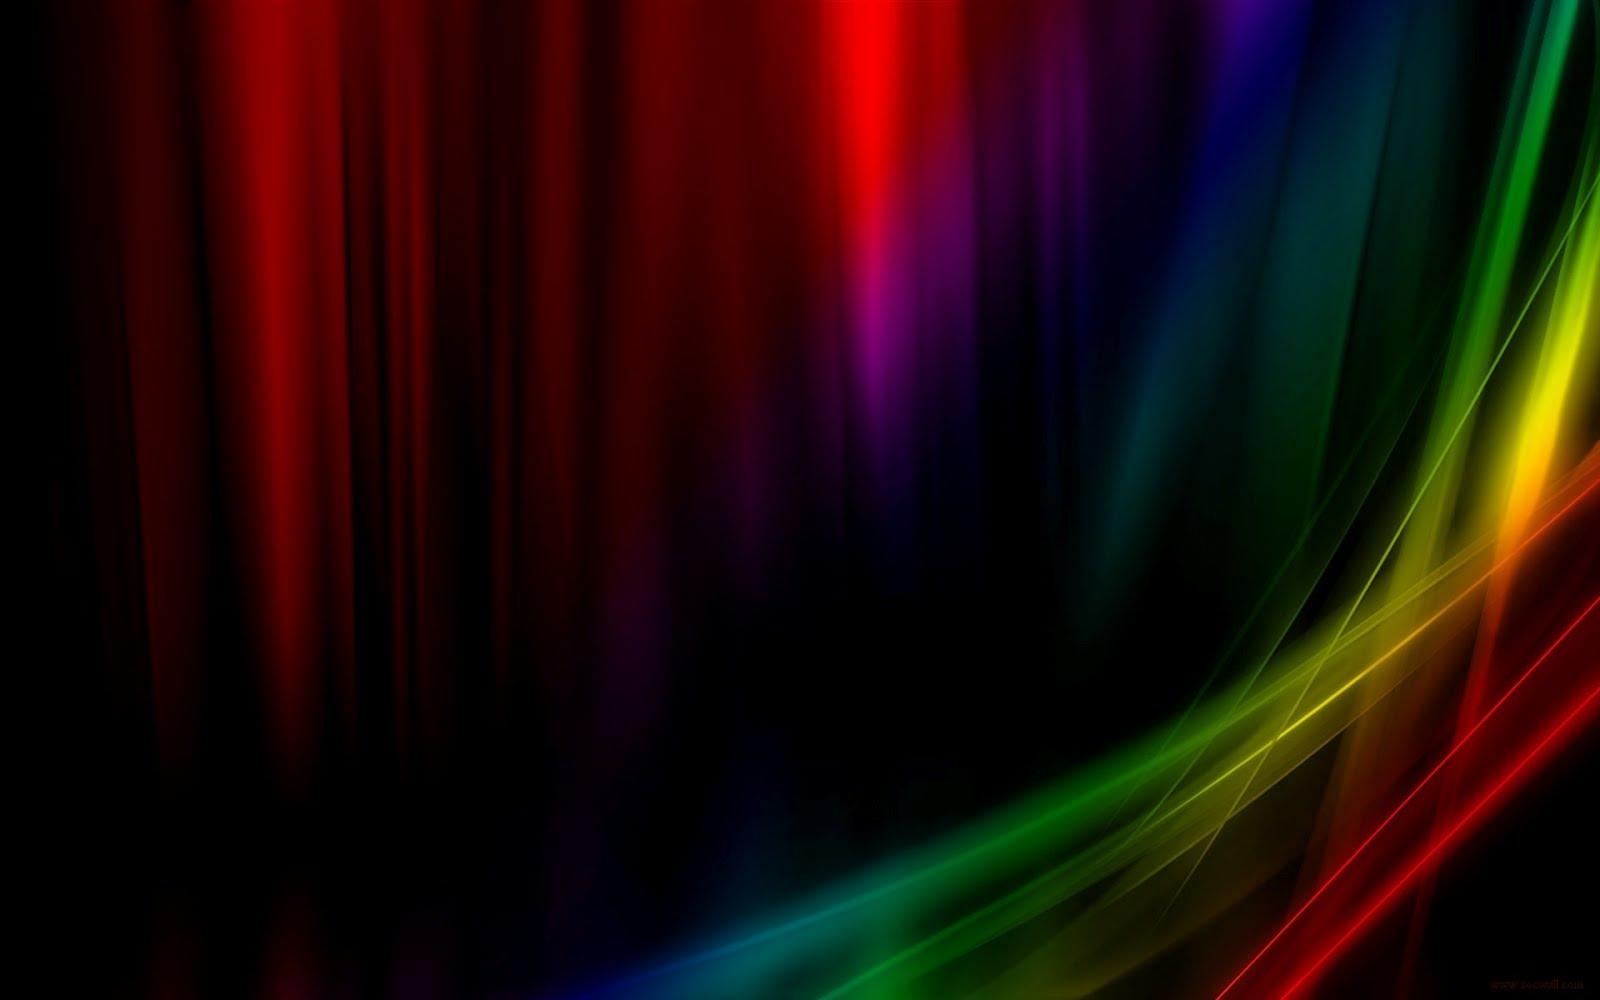 Fondos Abstractos De Colores: BANCO DE IMÁGENES: Fondos Abstractos De Colores Muy